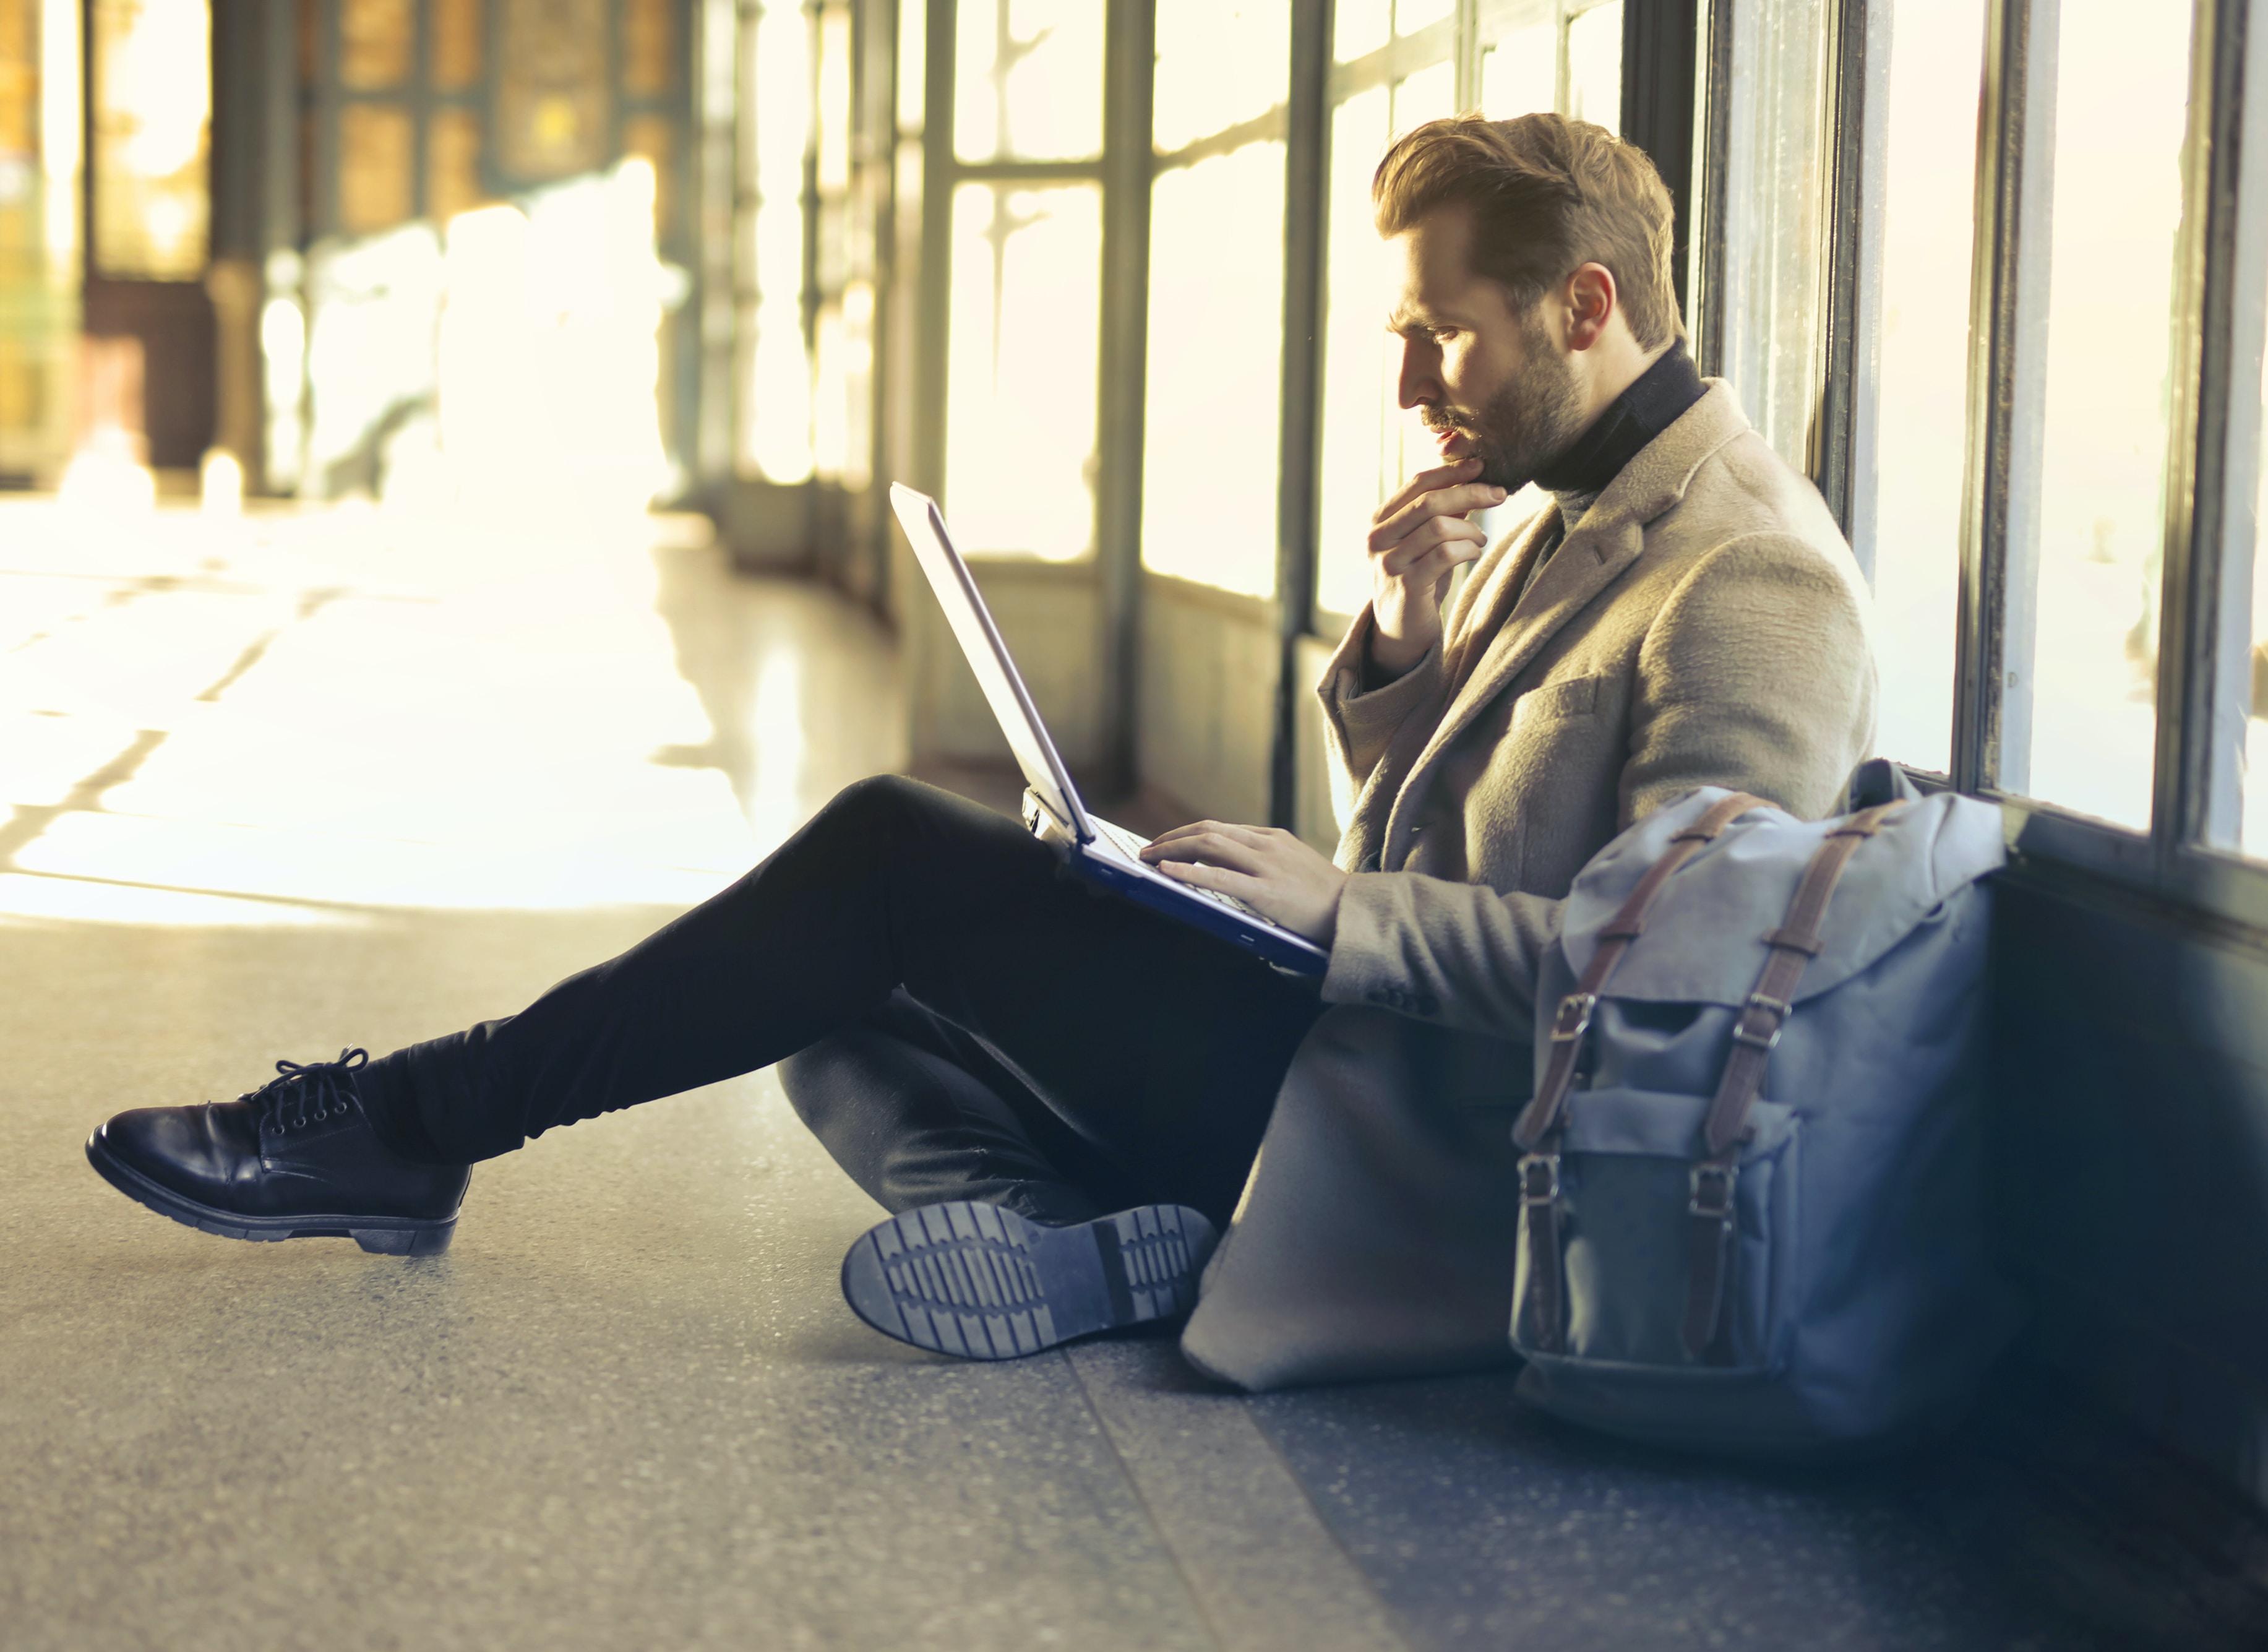 The psychology of online entrepreneurship